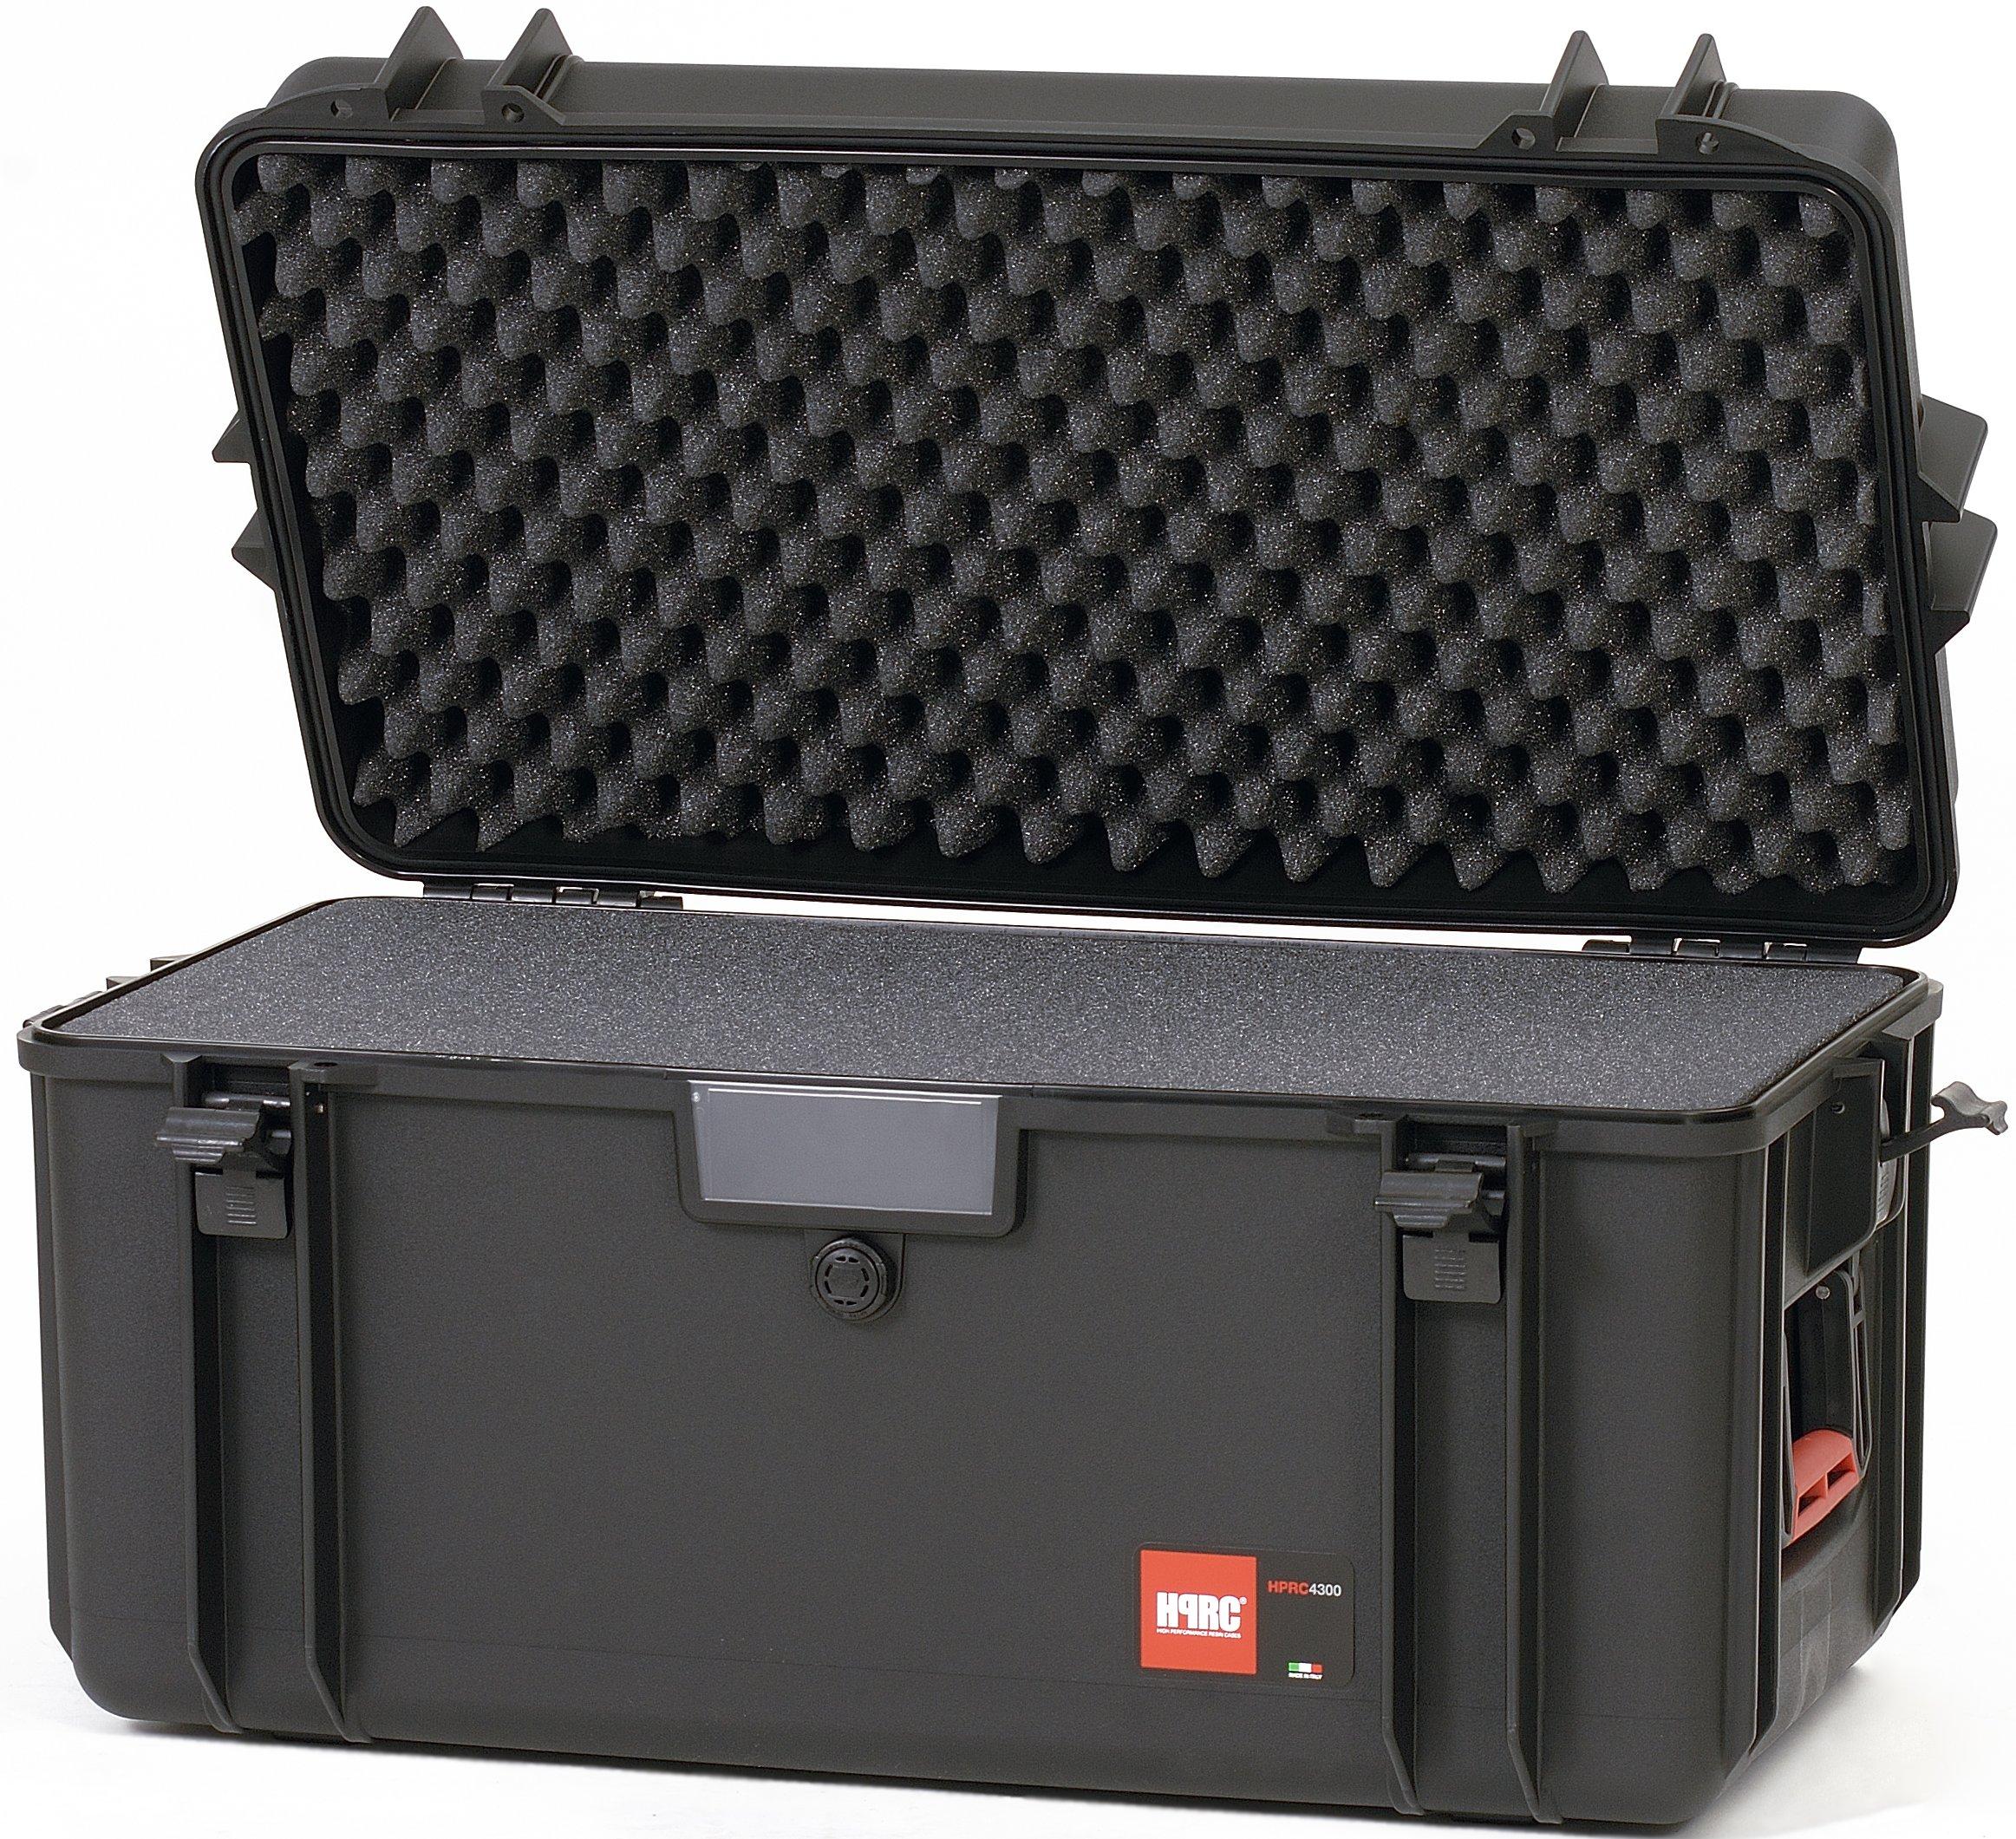 HPRC 4300 Case